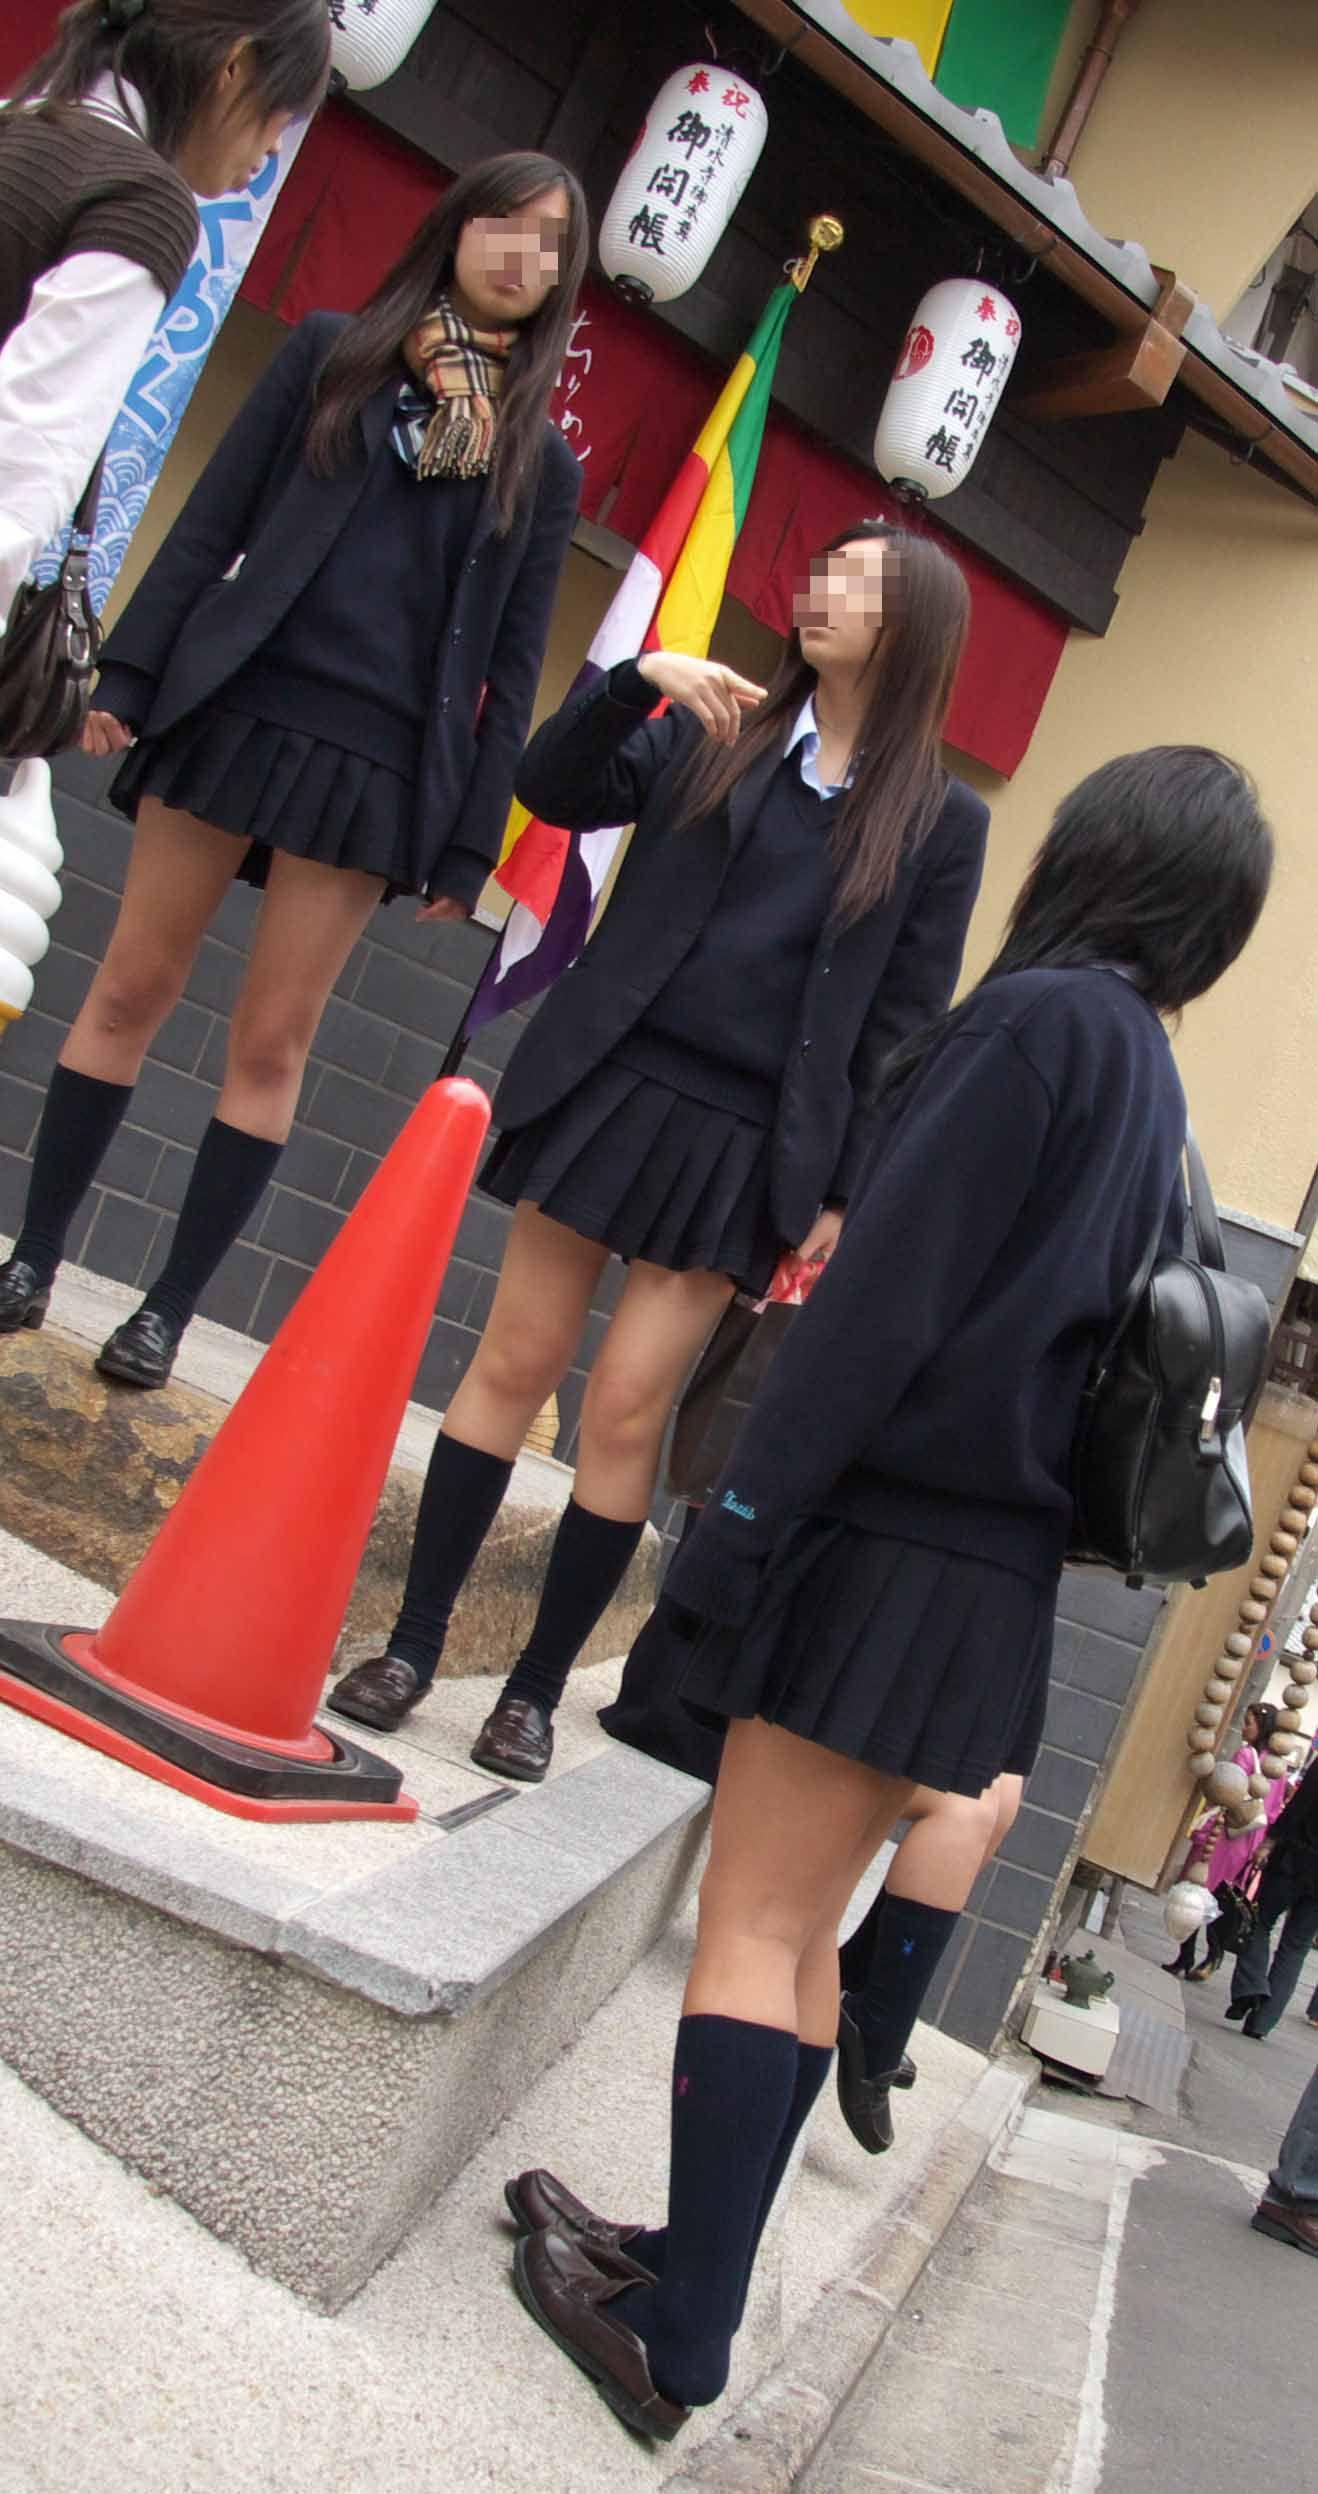 スカート丈短すぎる女子校生のセクシー美脚!